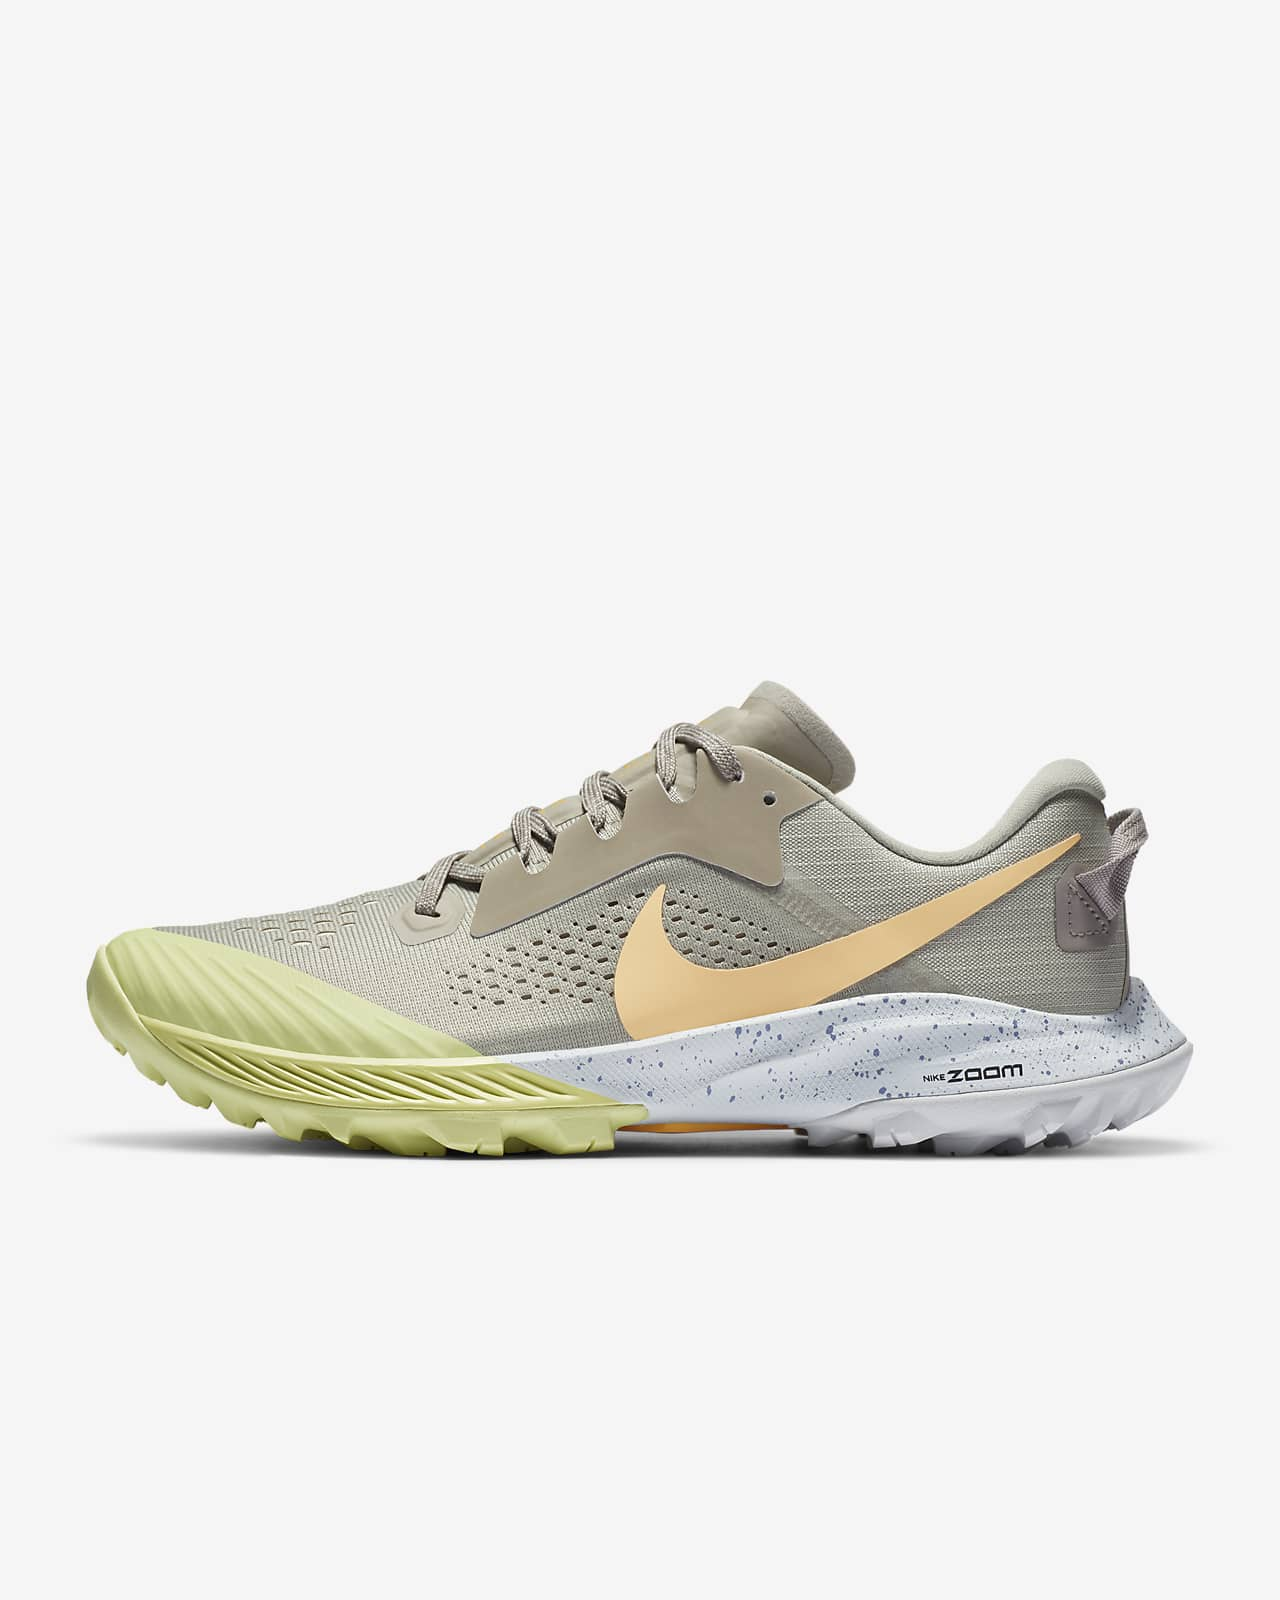 Nike Air Zoom Terra Kiger 6 Women's